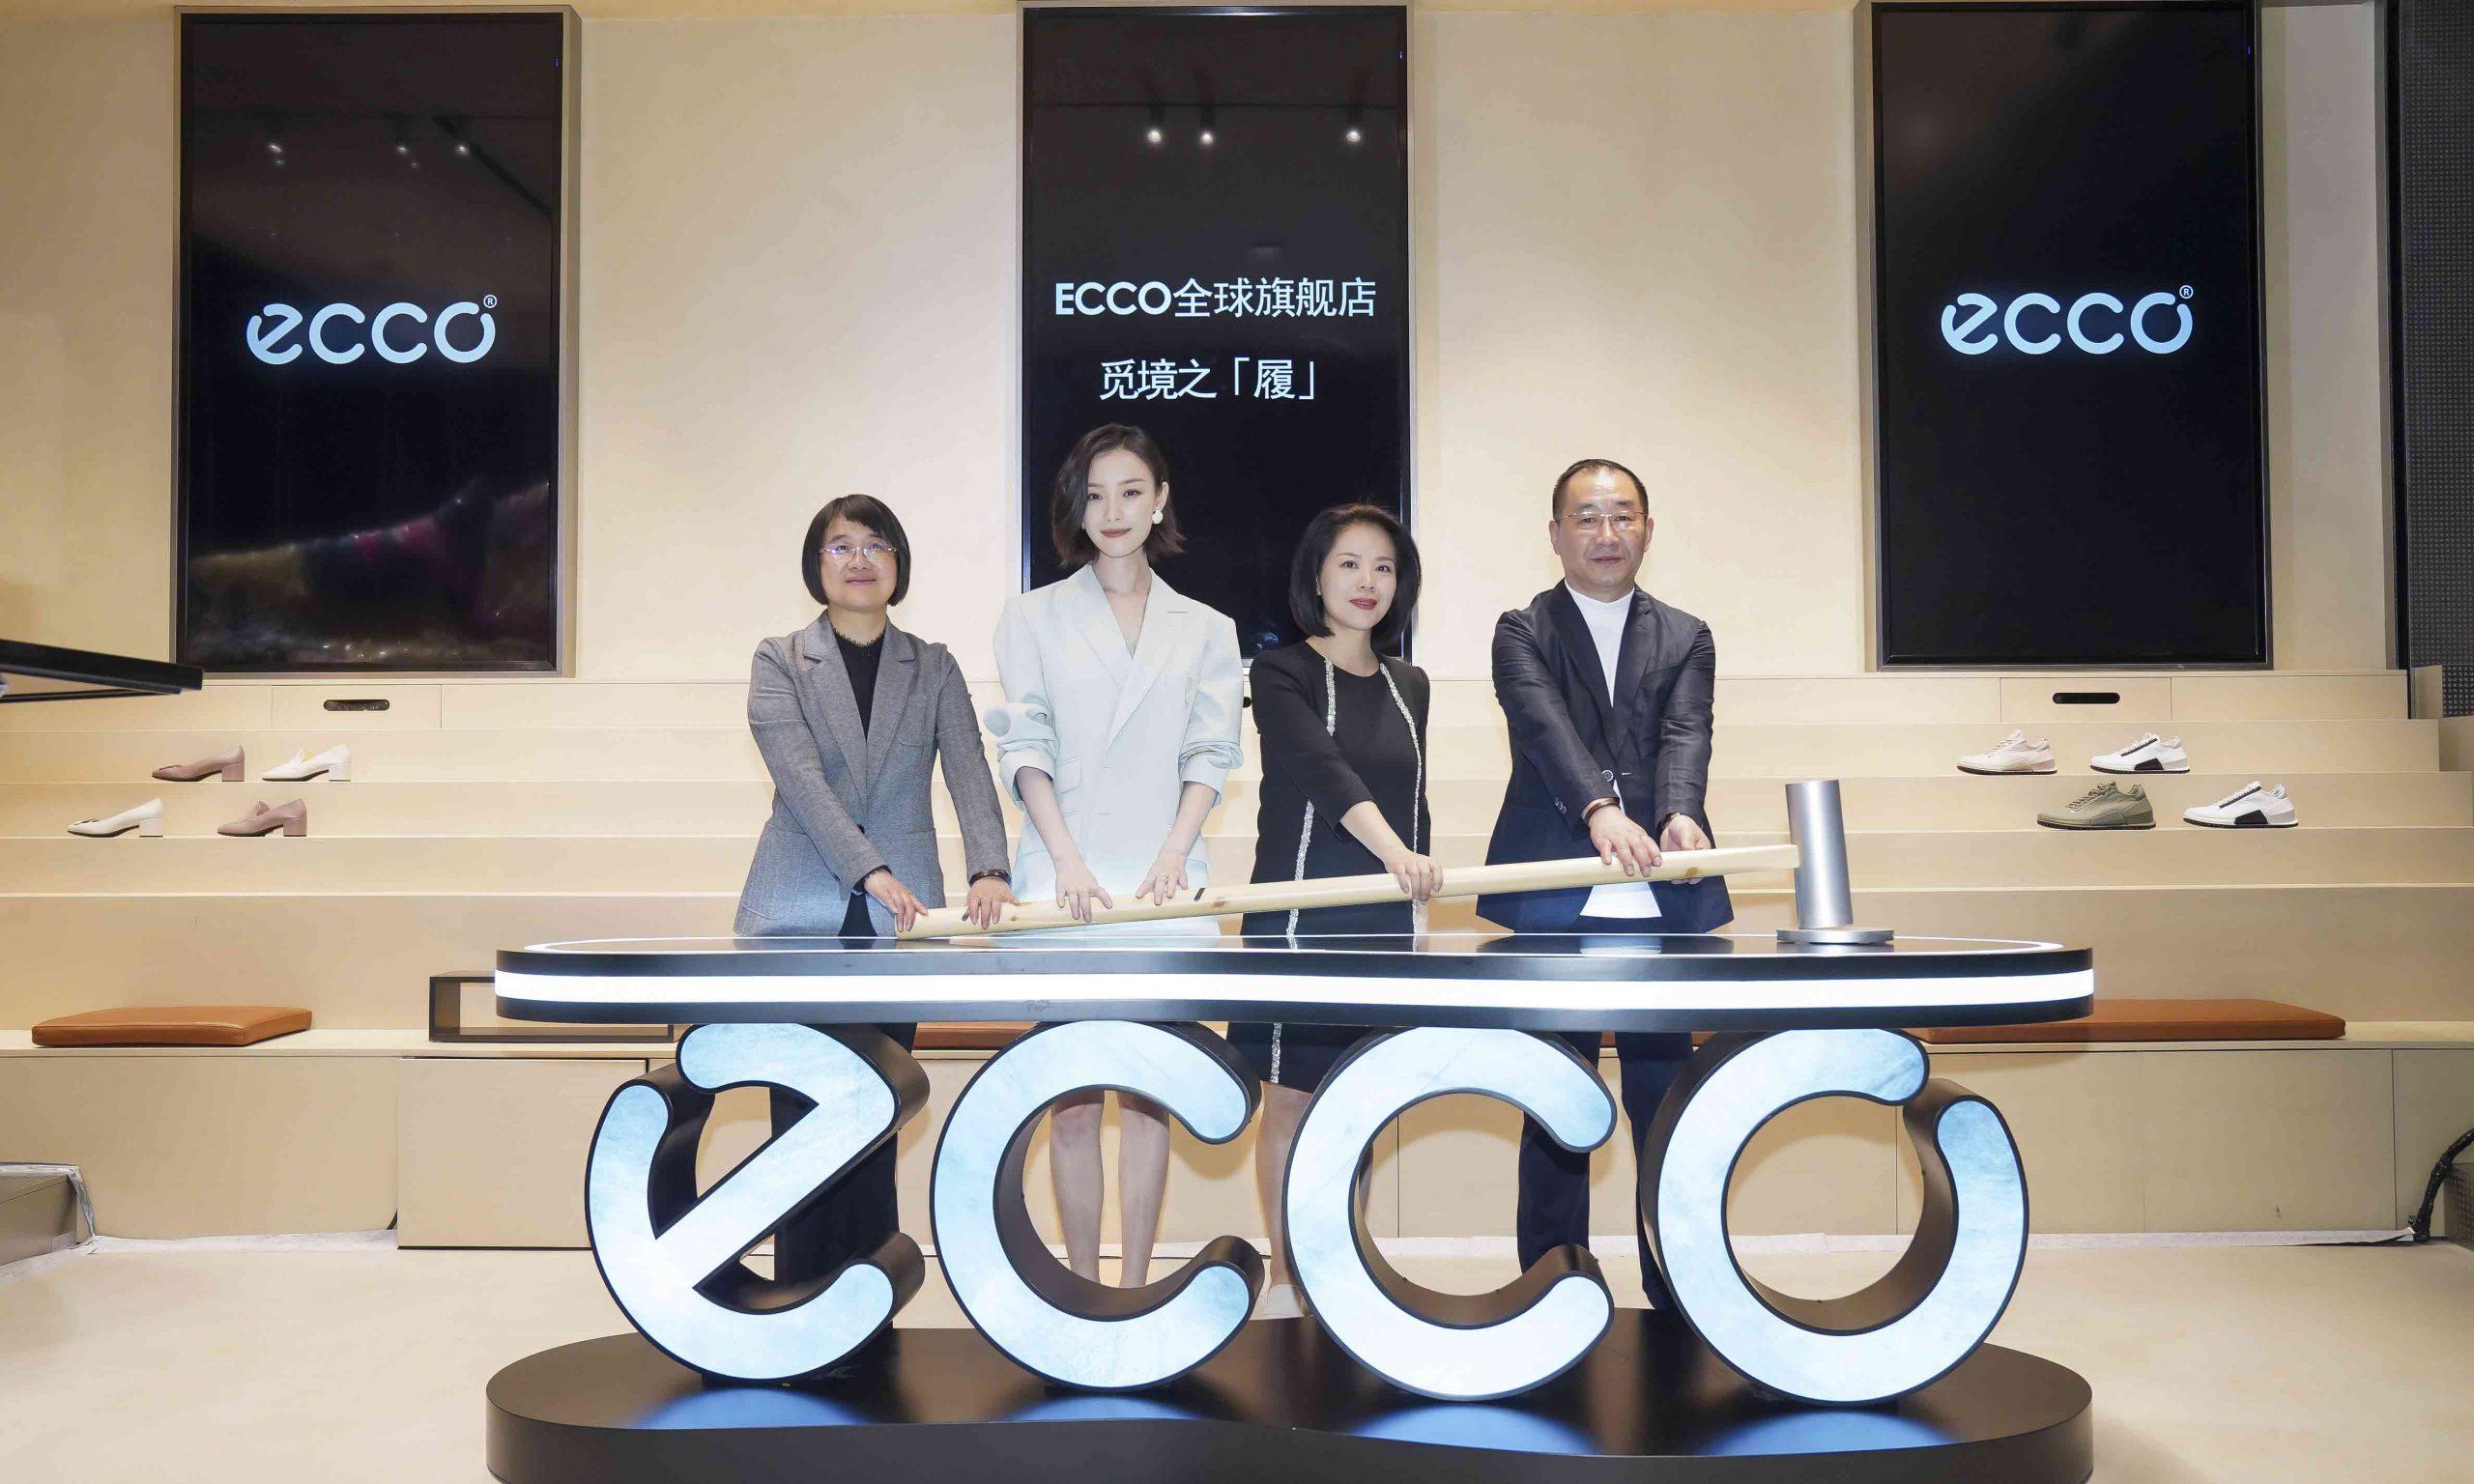 携手倪妮踏上觅境之「履」,ECCO 首家全球旗舰店正式开业